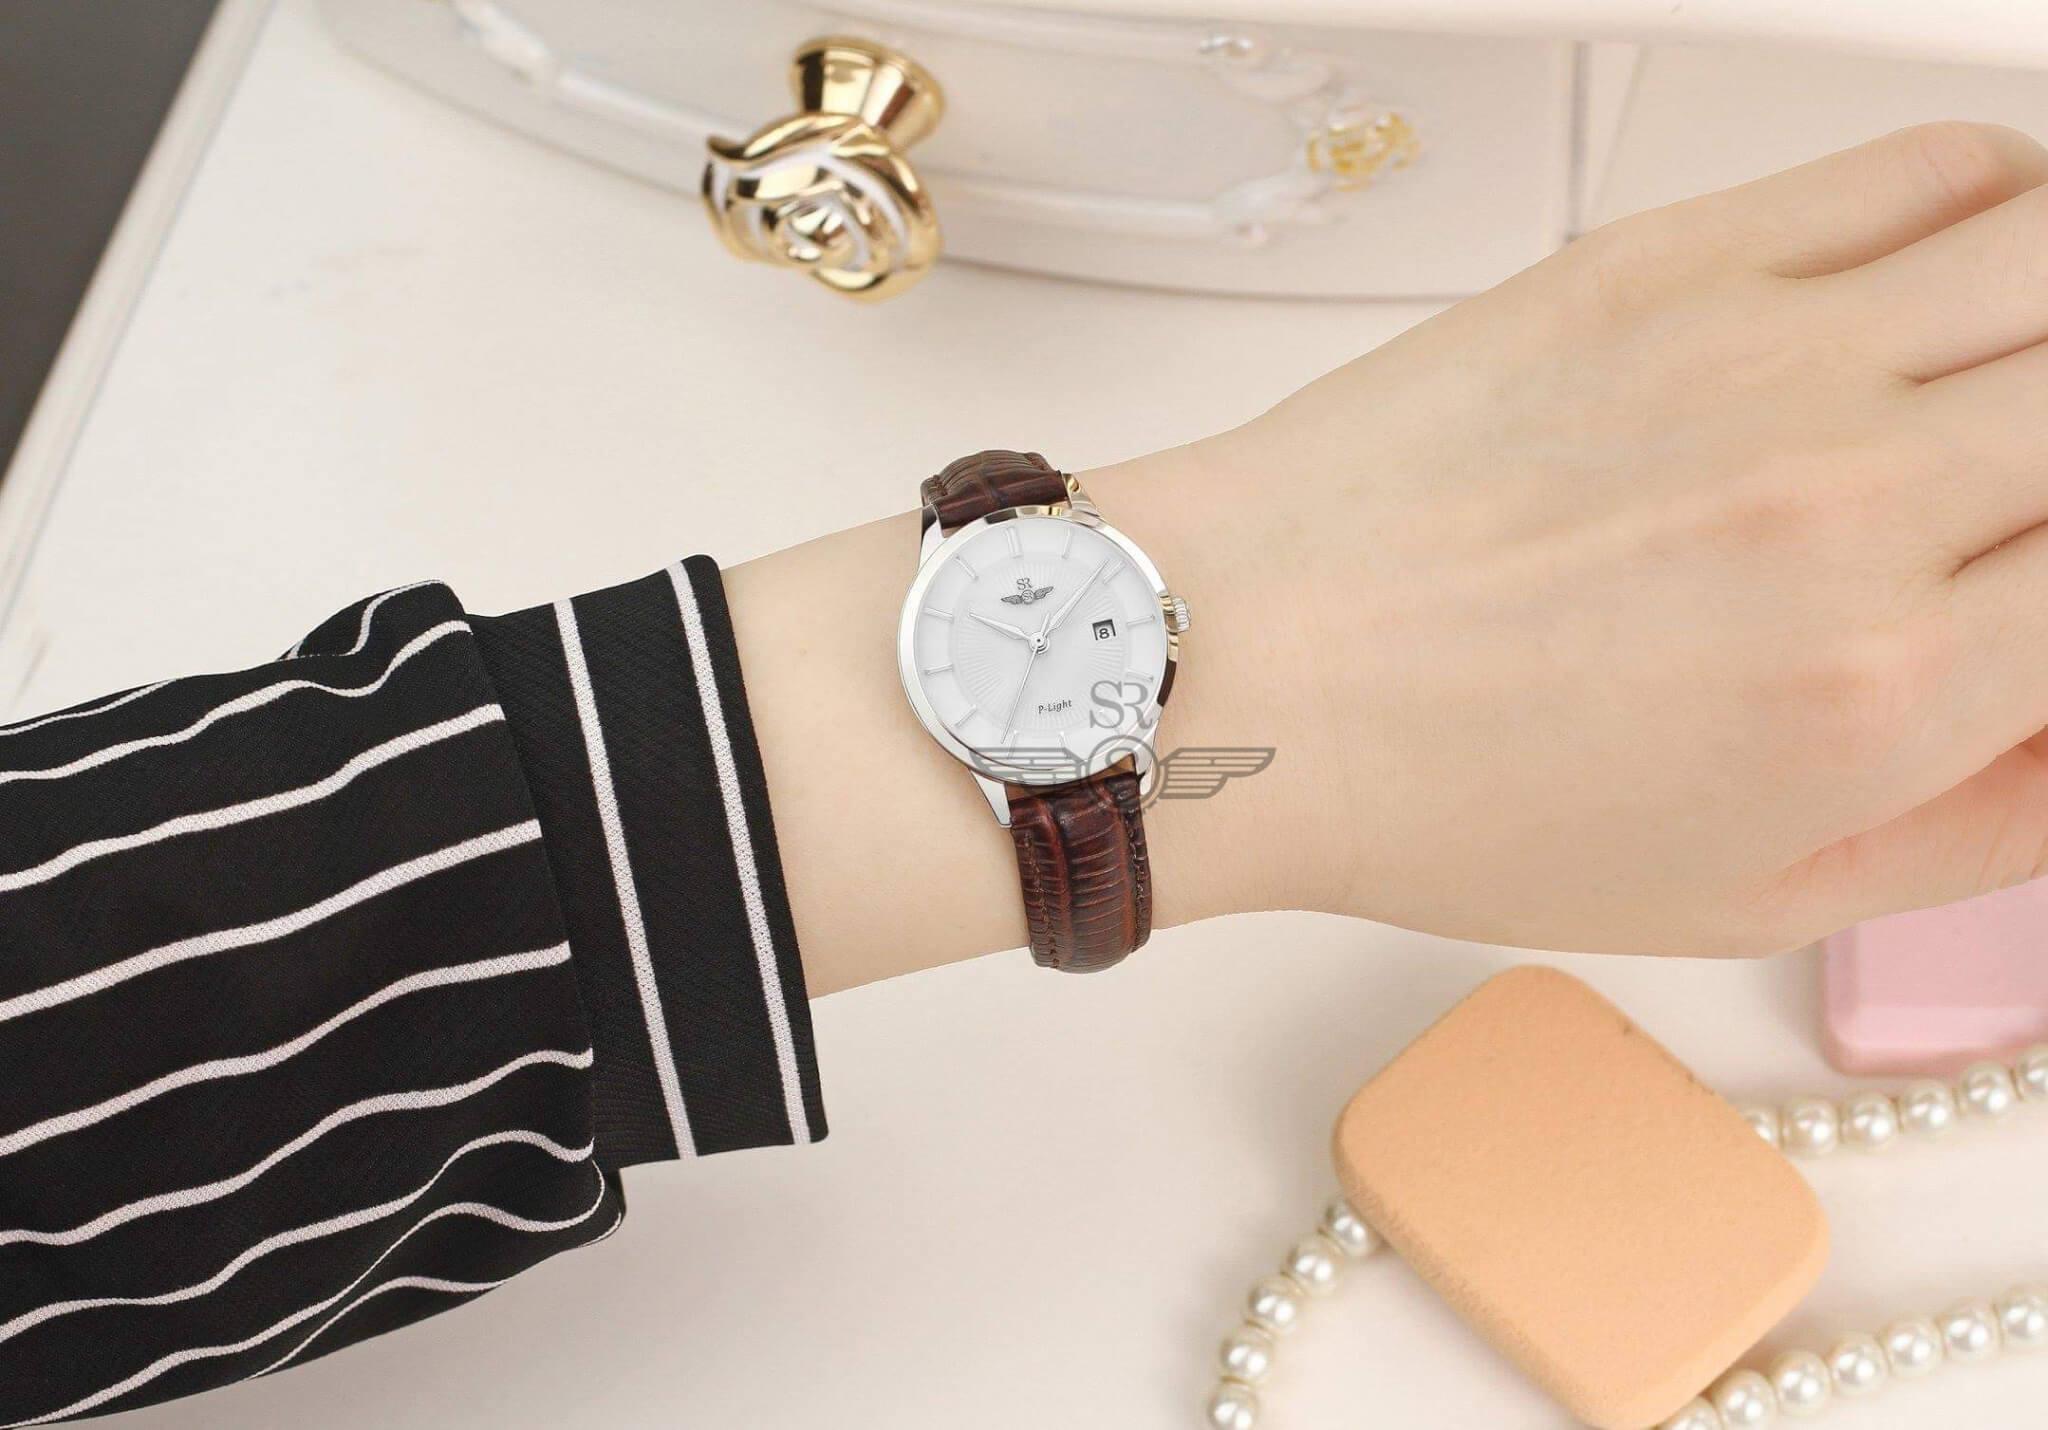 mua đồng hồ nữ đẹp ở đâu